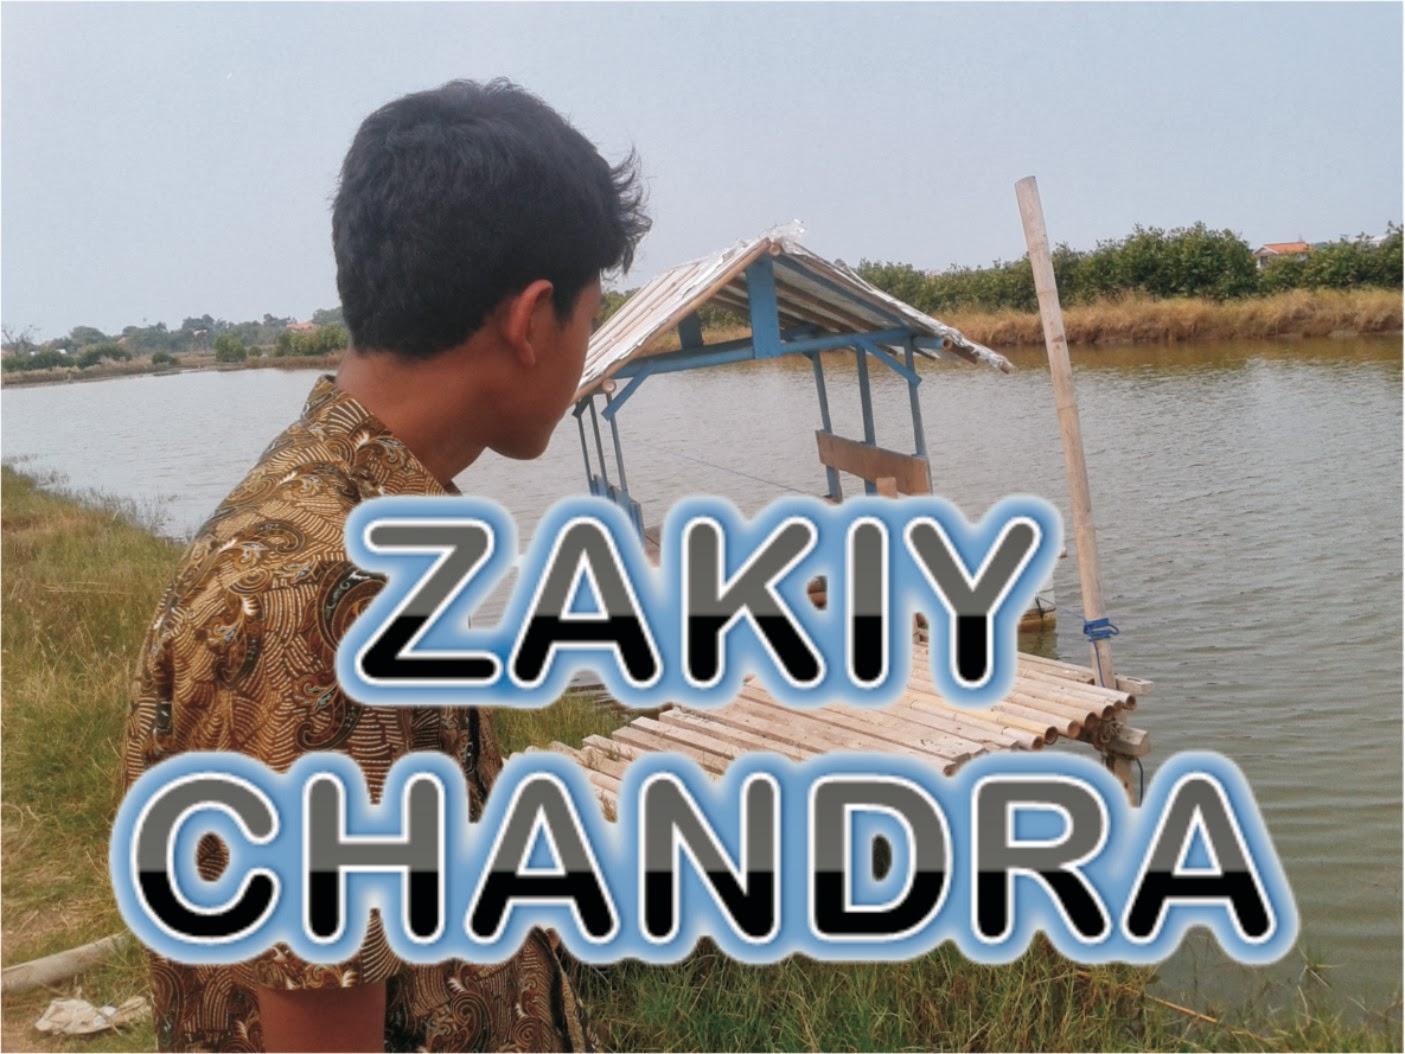 ZakiyChandra